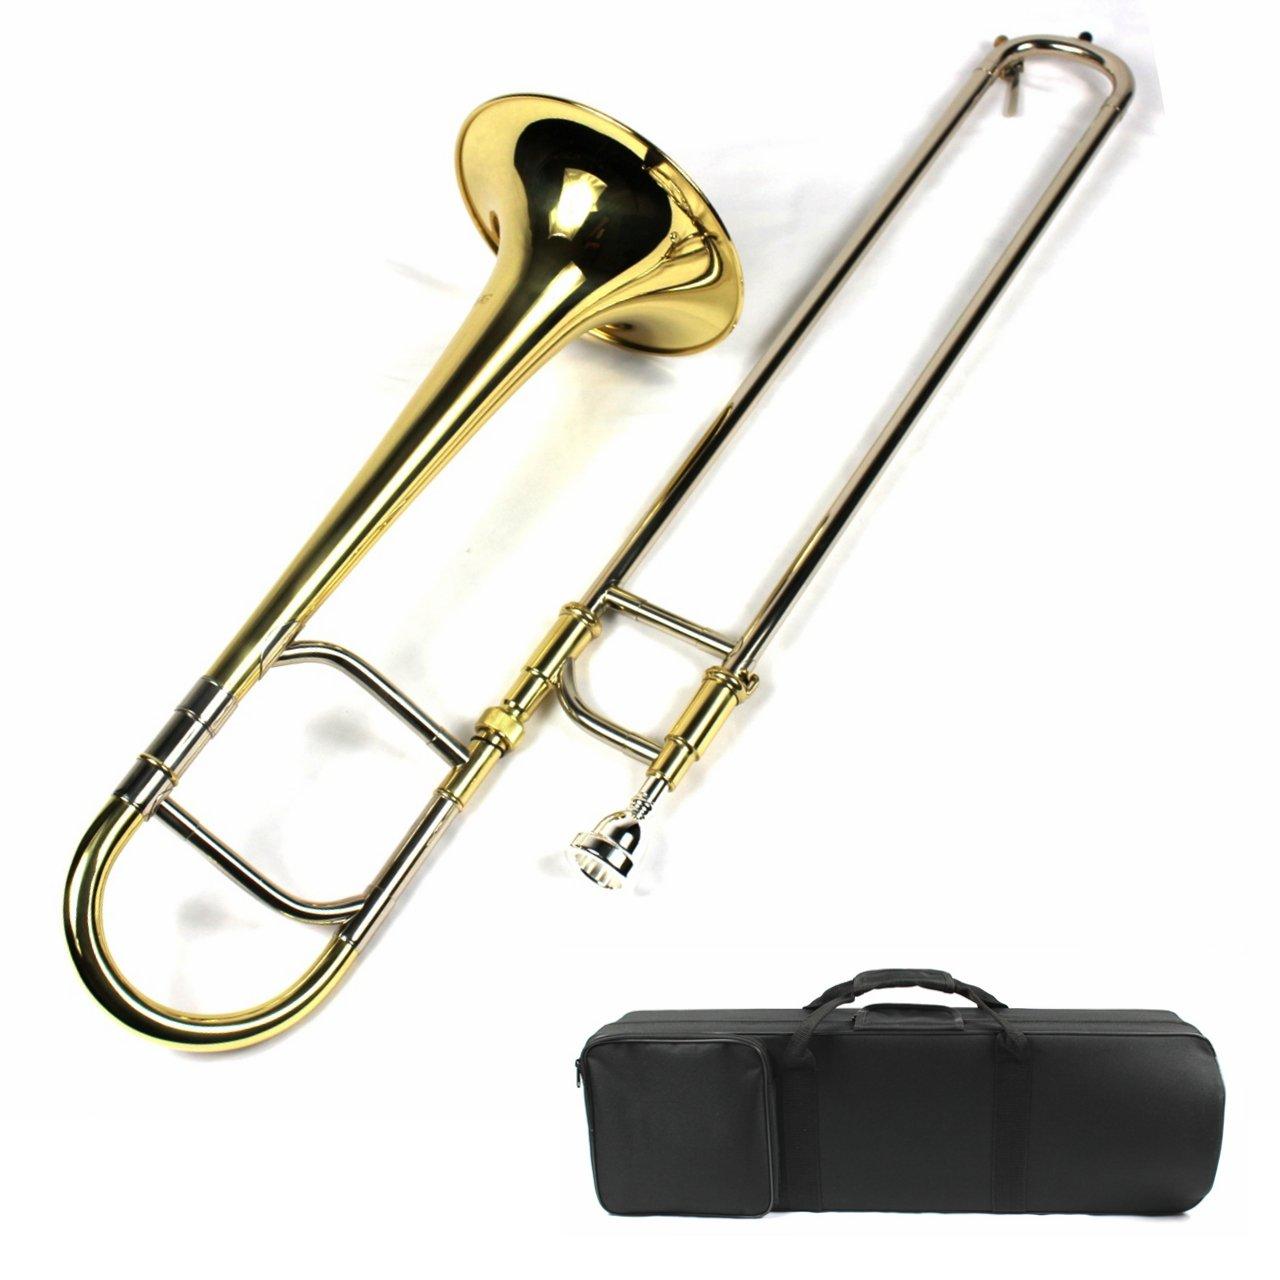 Brand New Eb Alto Trombone w/ Case and Mouthpiece- Gold Lacquer Finish Moz-GP-100